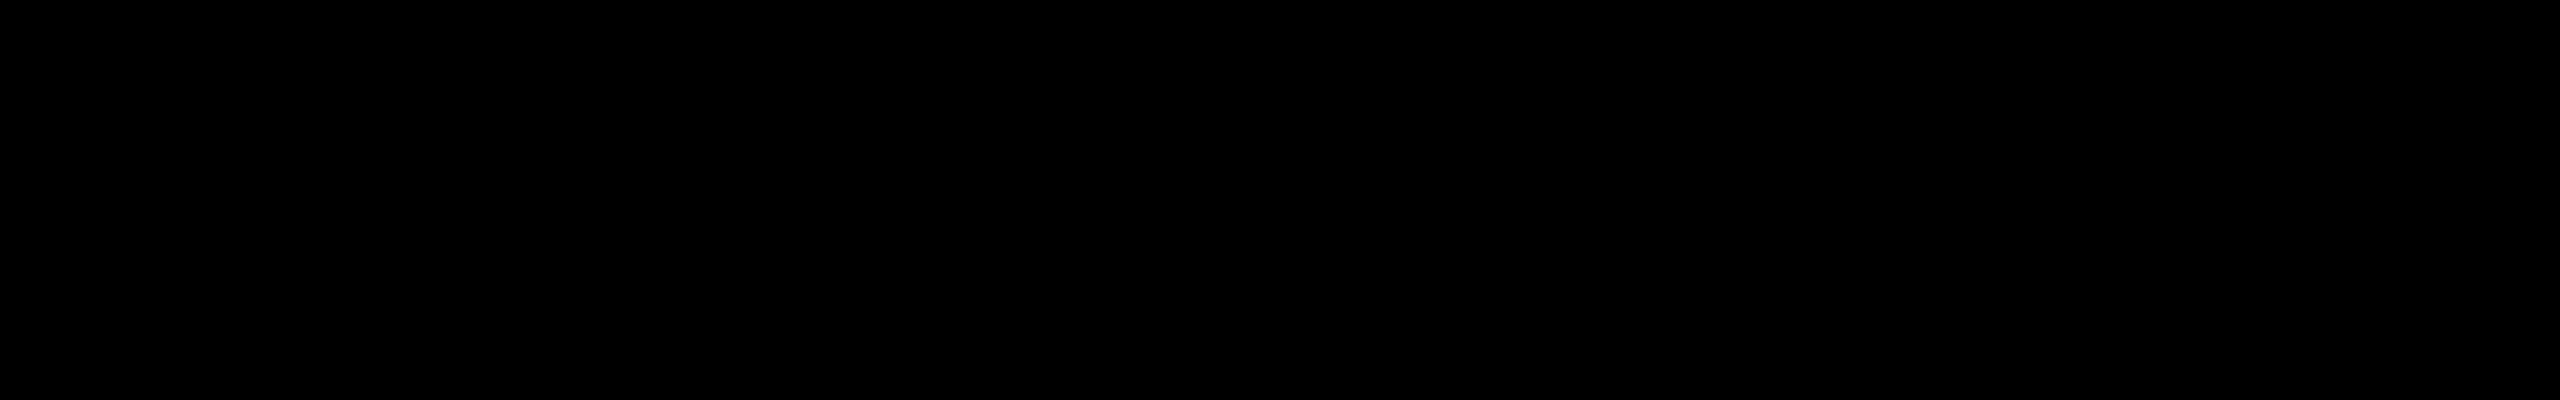 Havenweg-11c-1771RW-Wieringerwerf